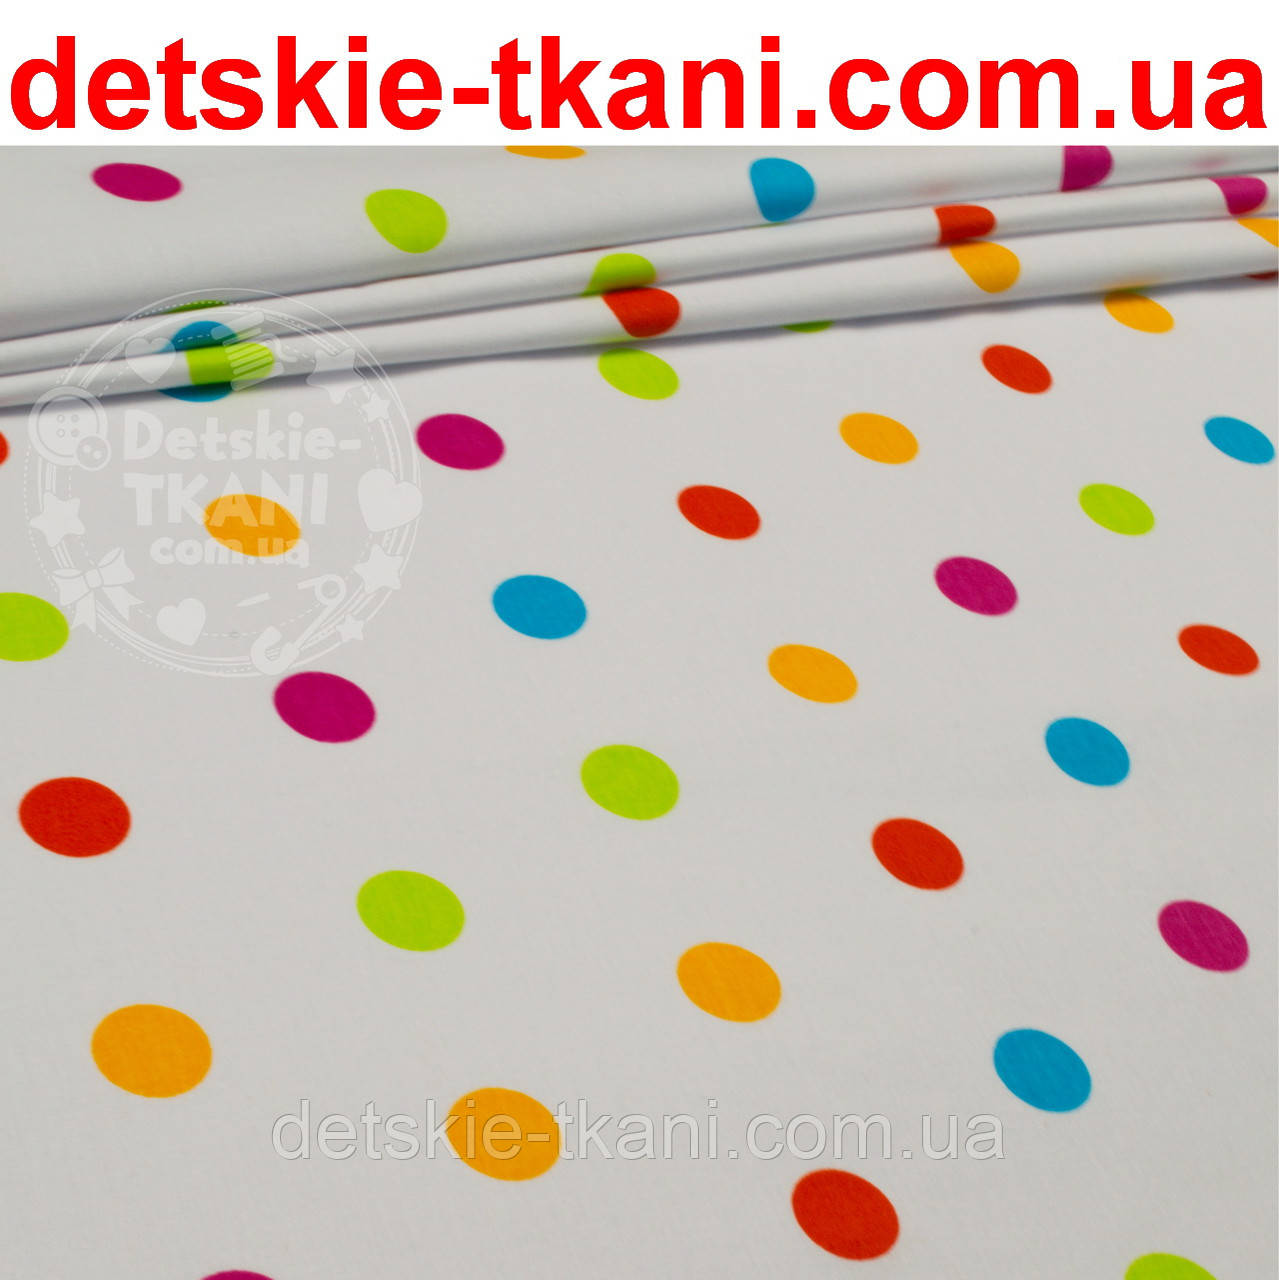 Ткань польская с разноцветным горошком (размером 23 мм) на белом фоне, № 918